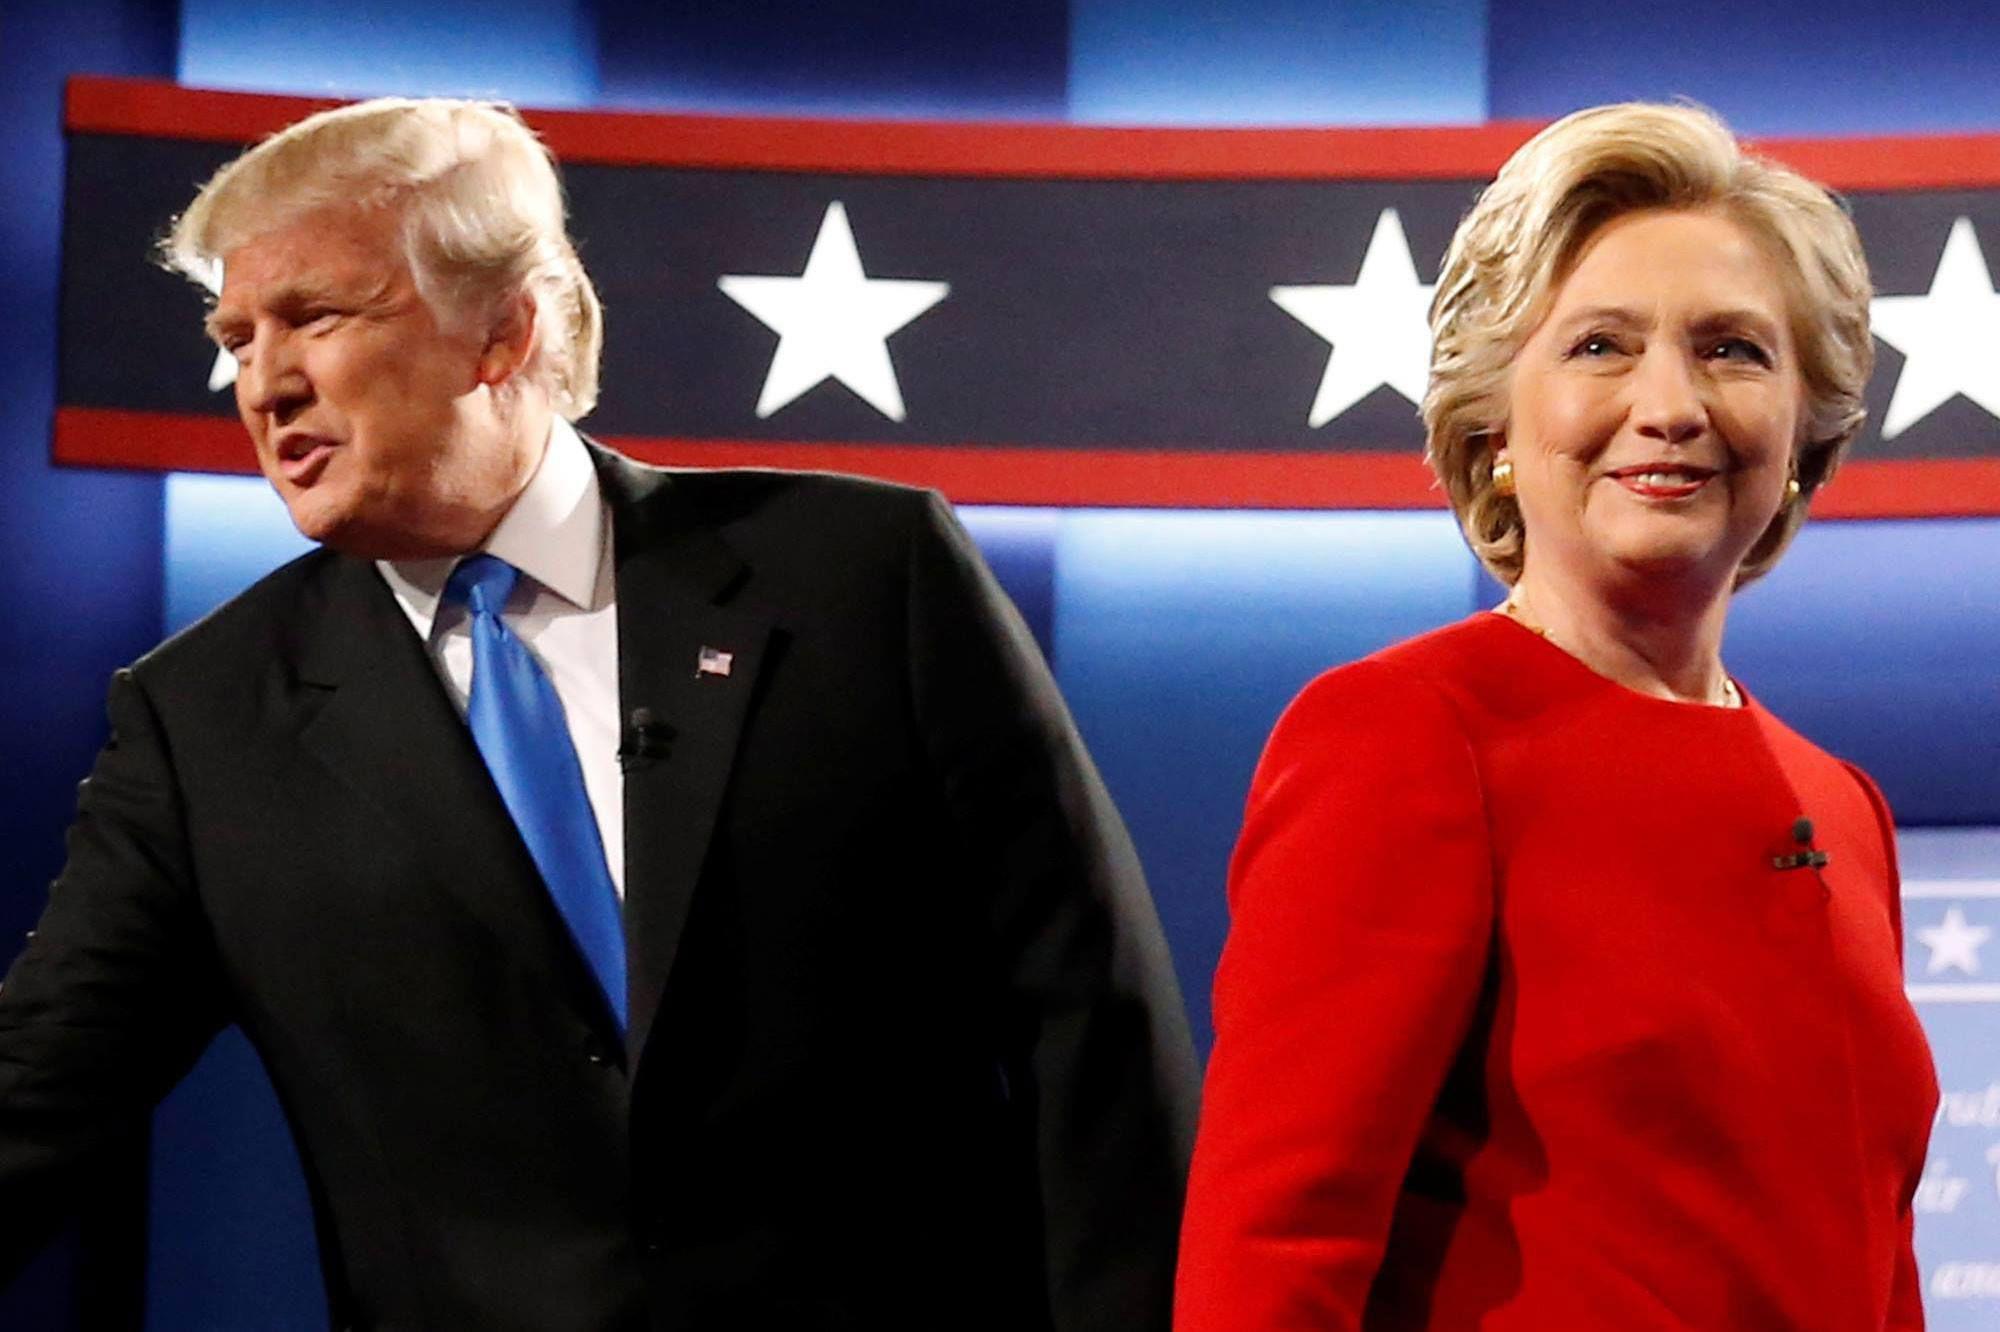 Le 20 Janvier aux USA : Hillary Clinton assistera à l'investiture de Donald Trump